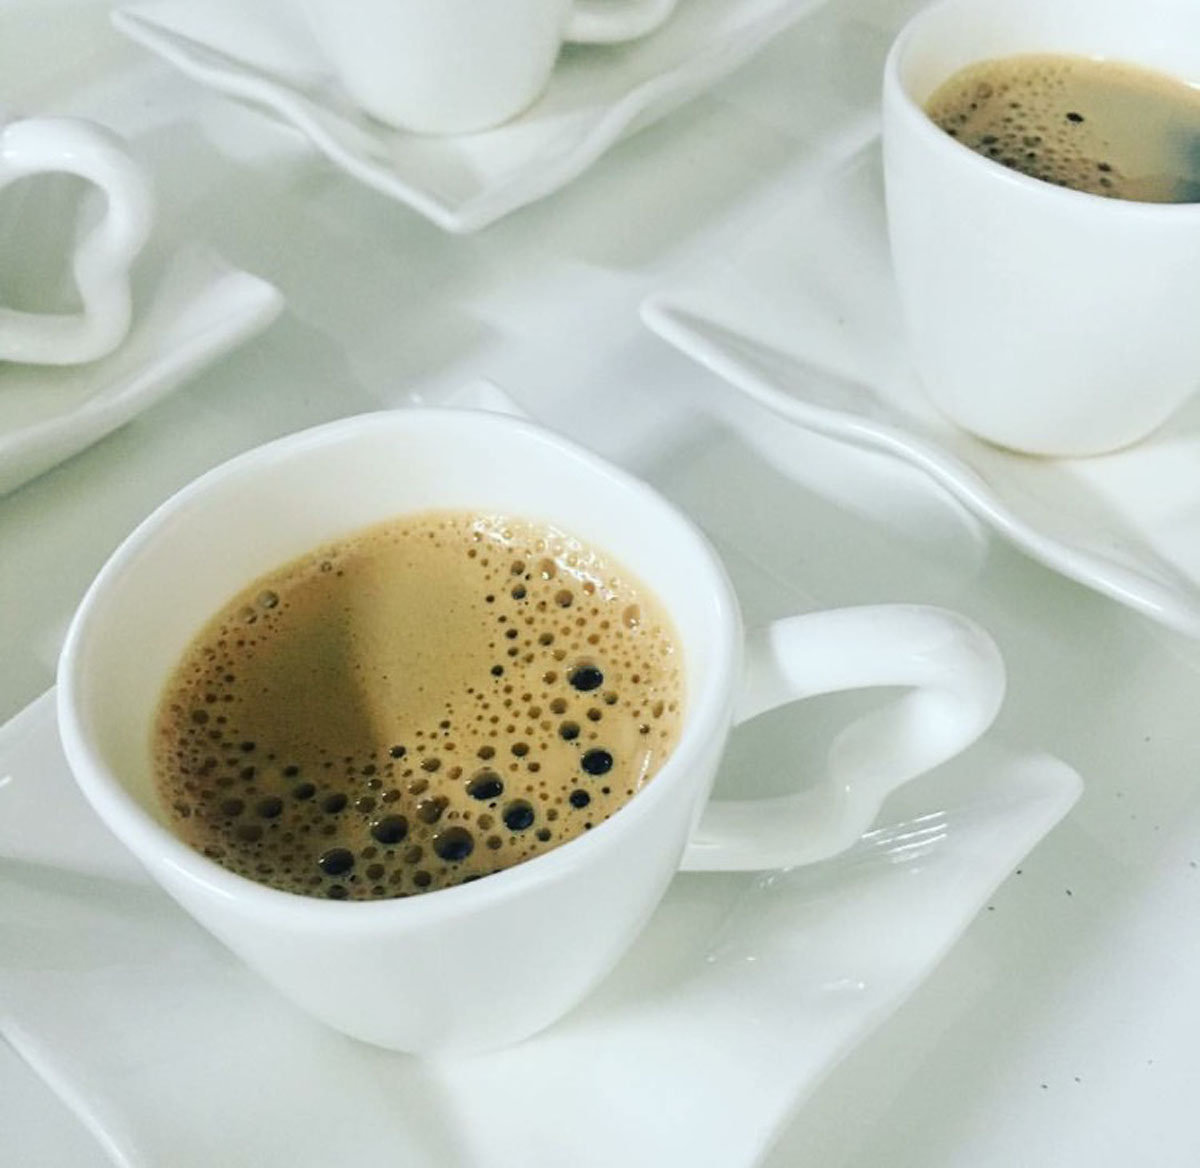 Tasty espresso